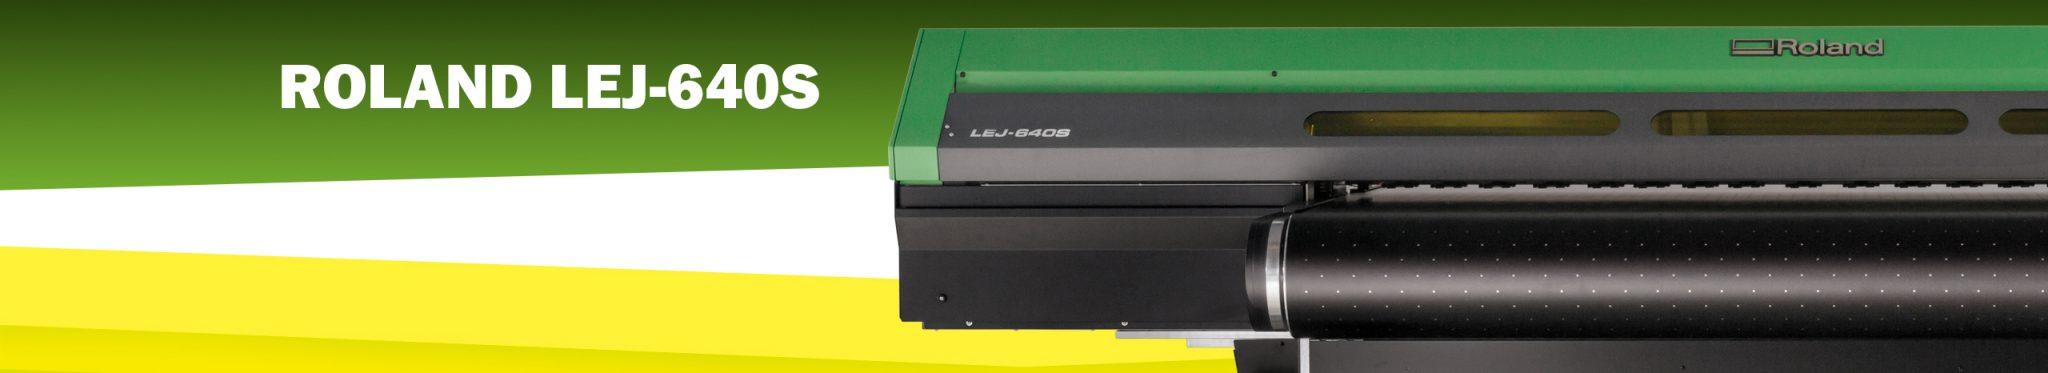 Roland LEJ-640S banner